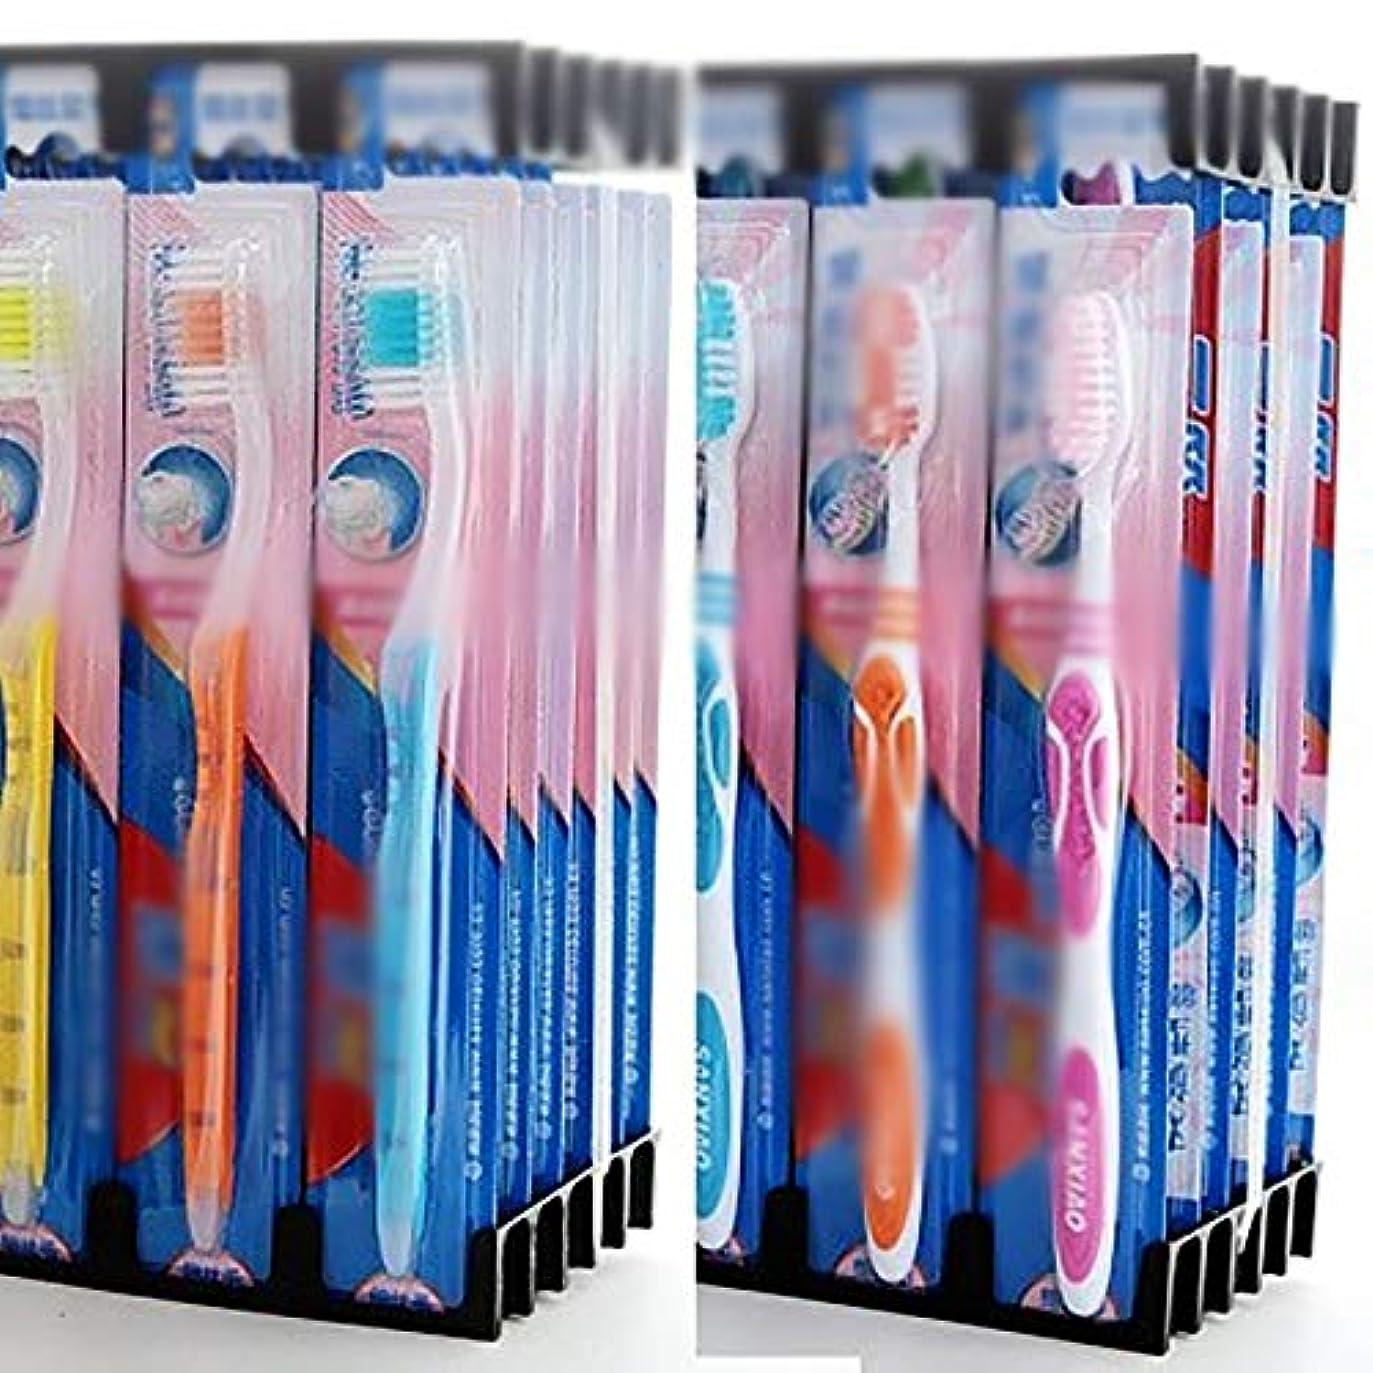 ビクター死すべき収束歯ブラシ 30本のバルク歯ブラシ、ソフト毛歯ブラシ、歯科衛生の深いクリーニング - 使用可能なスタイルの3種類 KHL (色 : B, サイズ : 30 packs)